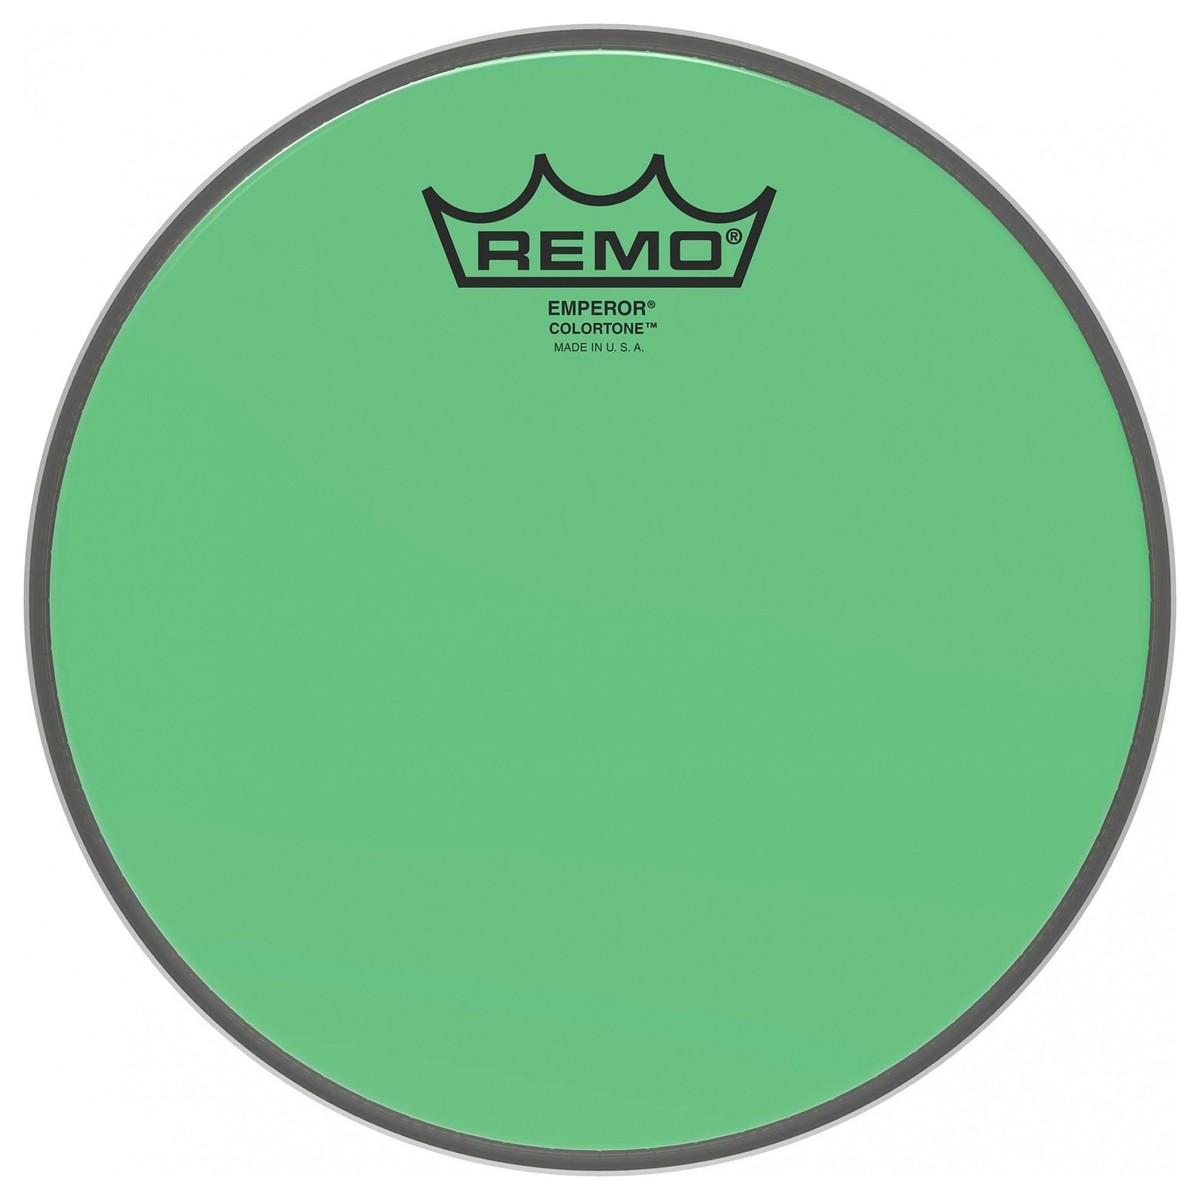 Remo Emperor Colortone 18 Green Drum Head